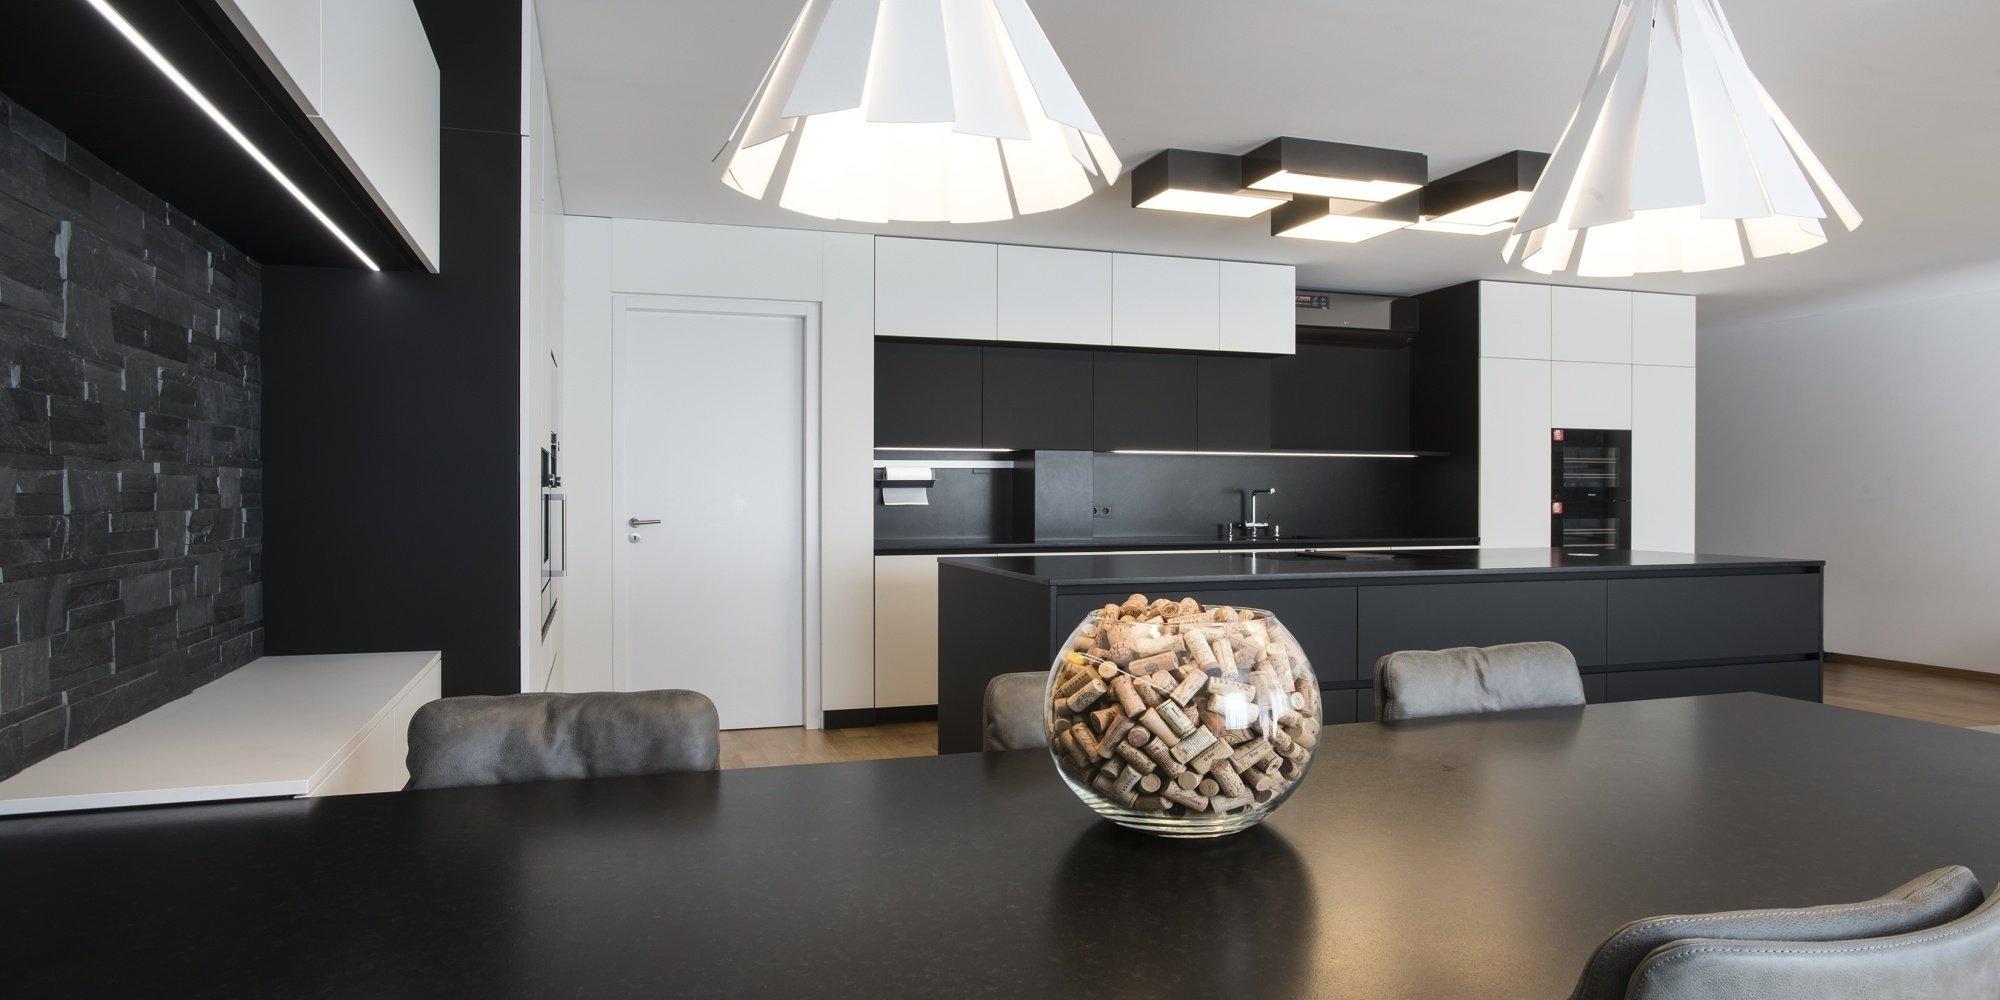 Kuchyň EGGERSMANN, byt, realizace 2018. Provedení Paso – Nano povrch, pracovní deska žula Nero Assoluto. Kuchyň je vybavena spotřebiči Gaggenau a Miele.